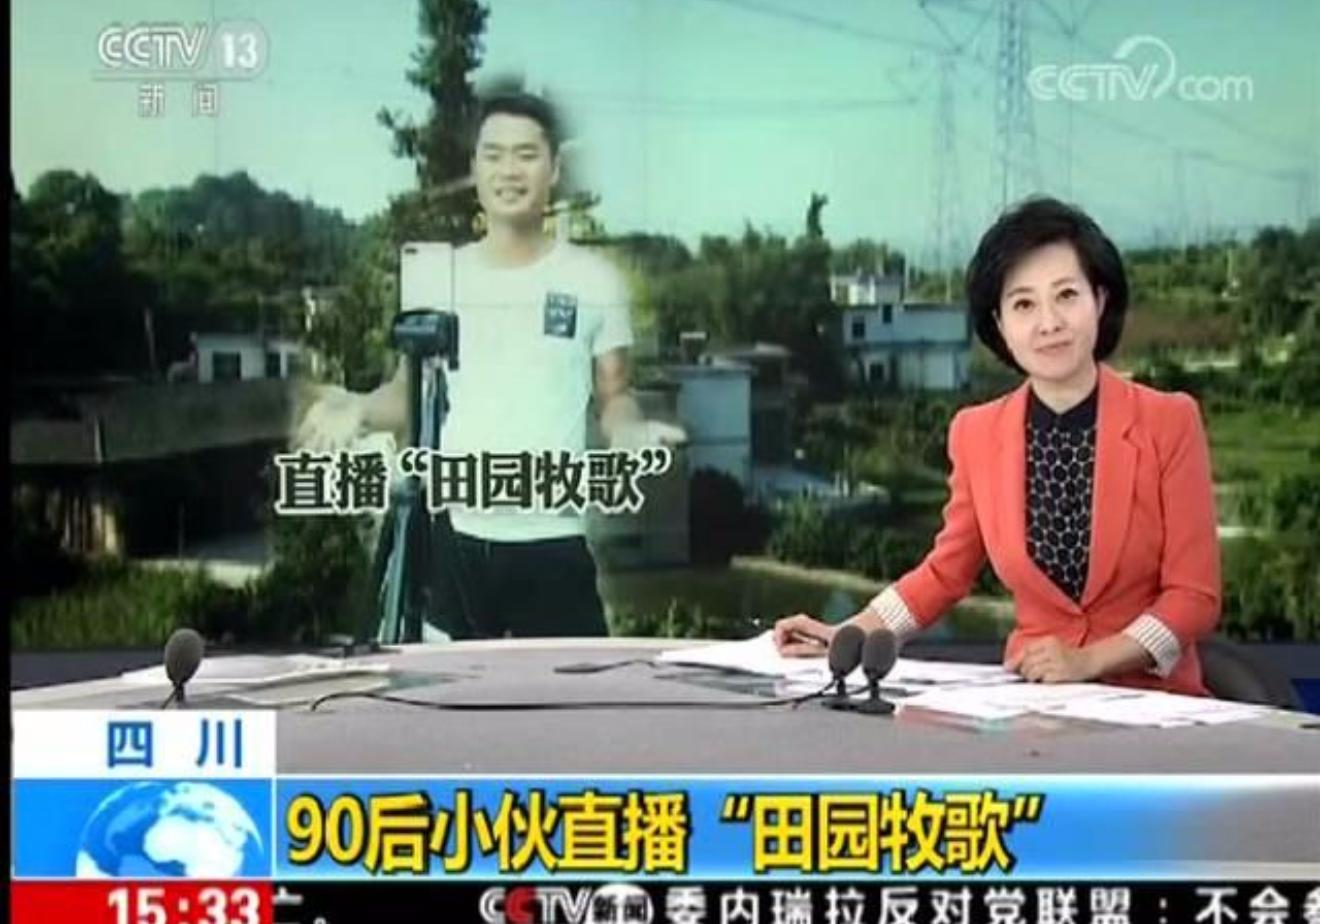 明年农村最赚钱的职业出炉!一大批桂林人要富得流油了!_0755网赚汇